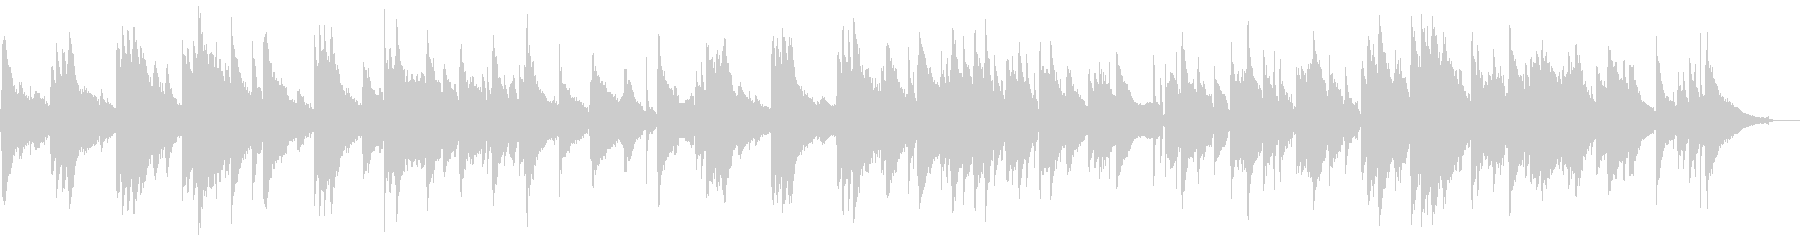 スローなジャズテイストのBGMの未再生の波形